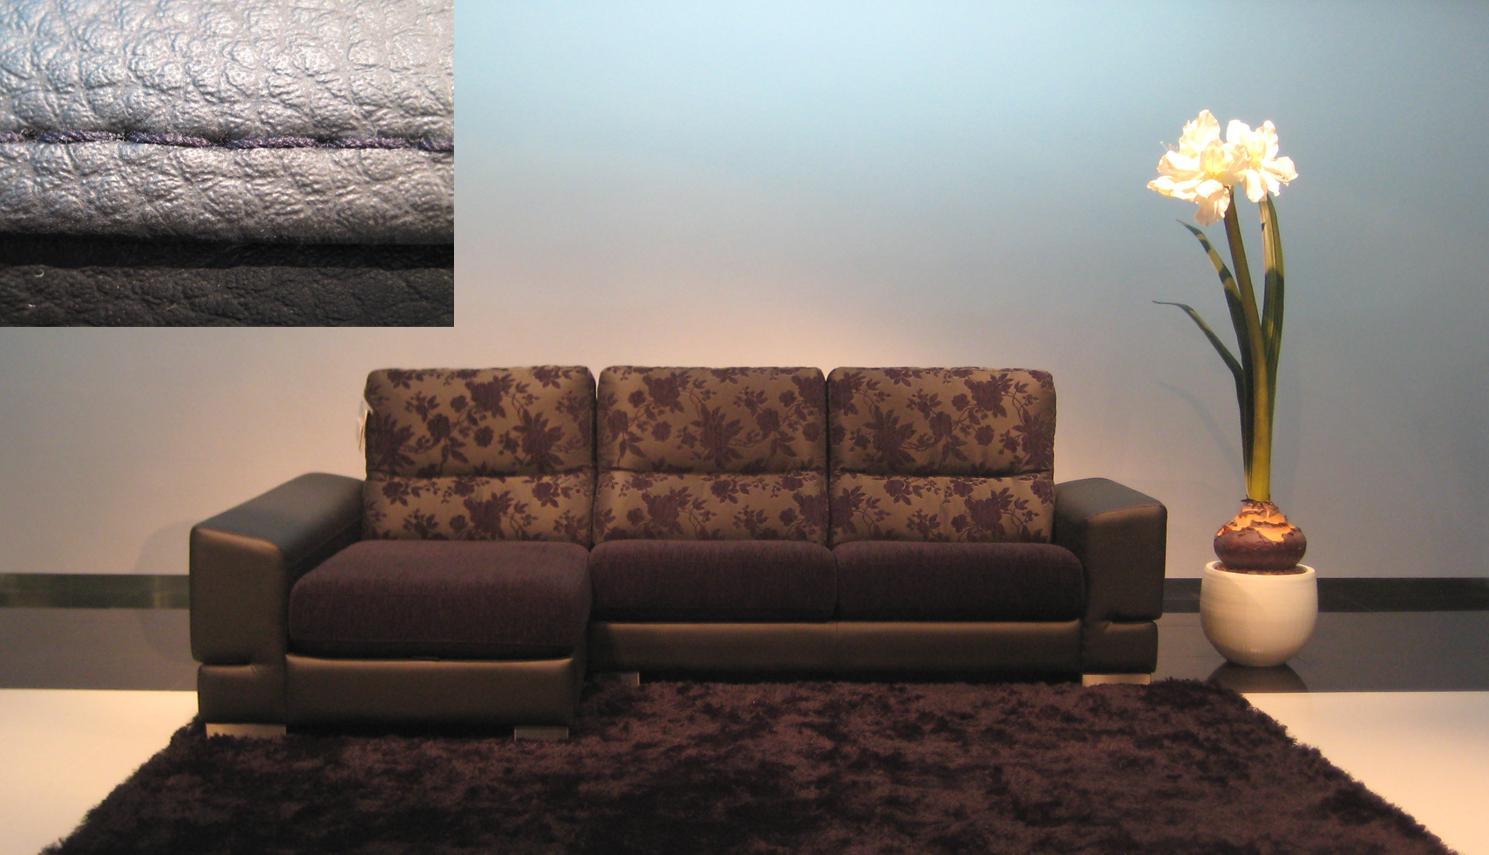 Variedad de fotos de sof s cat logo de muebles fhoa for Catalogos de sofas y precios